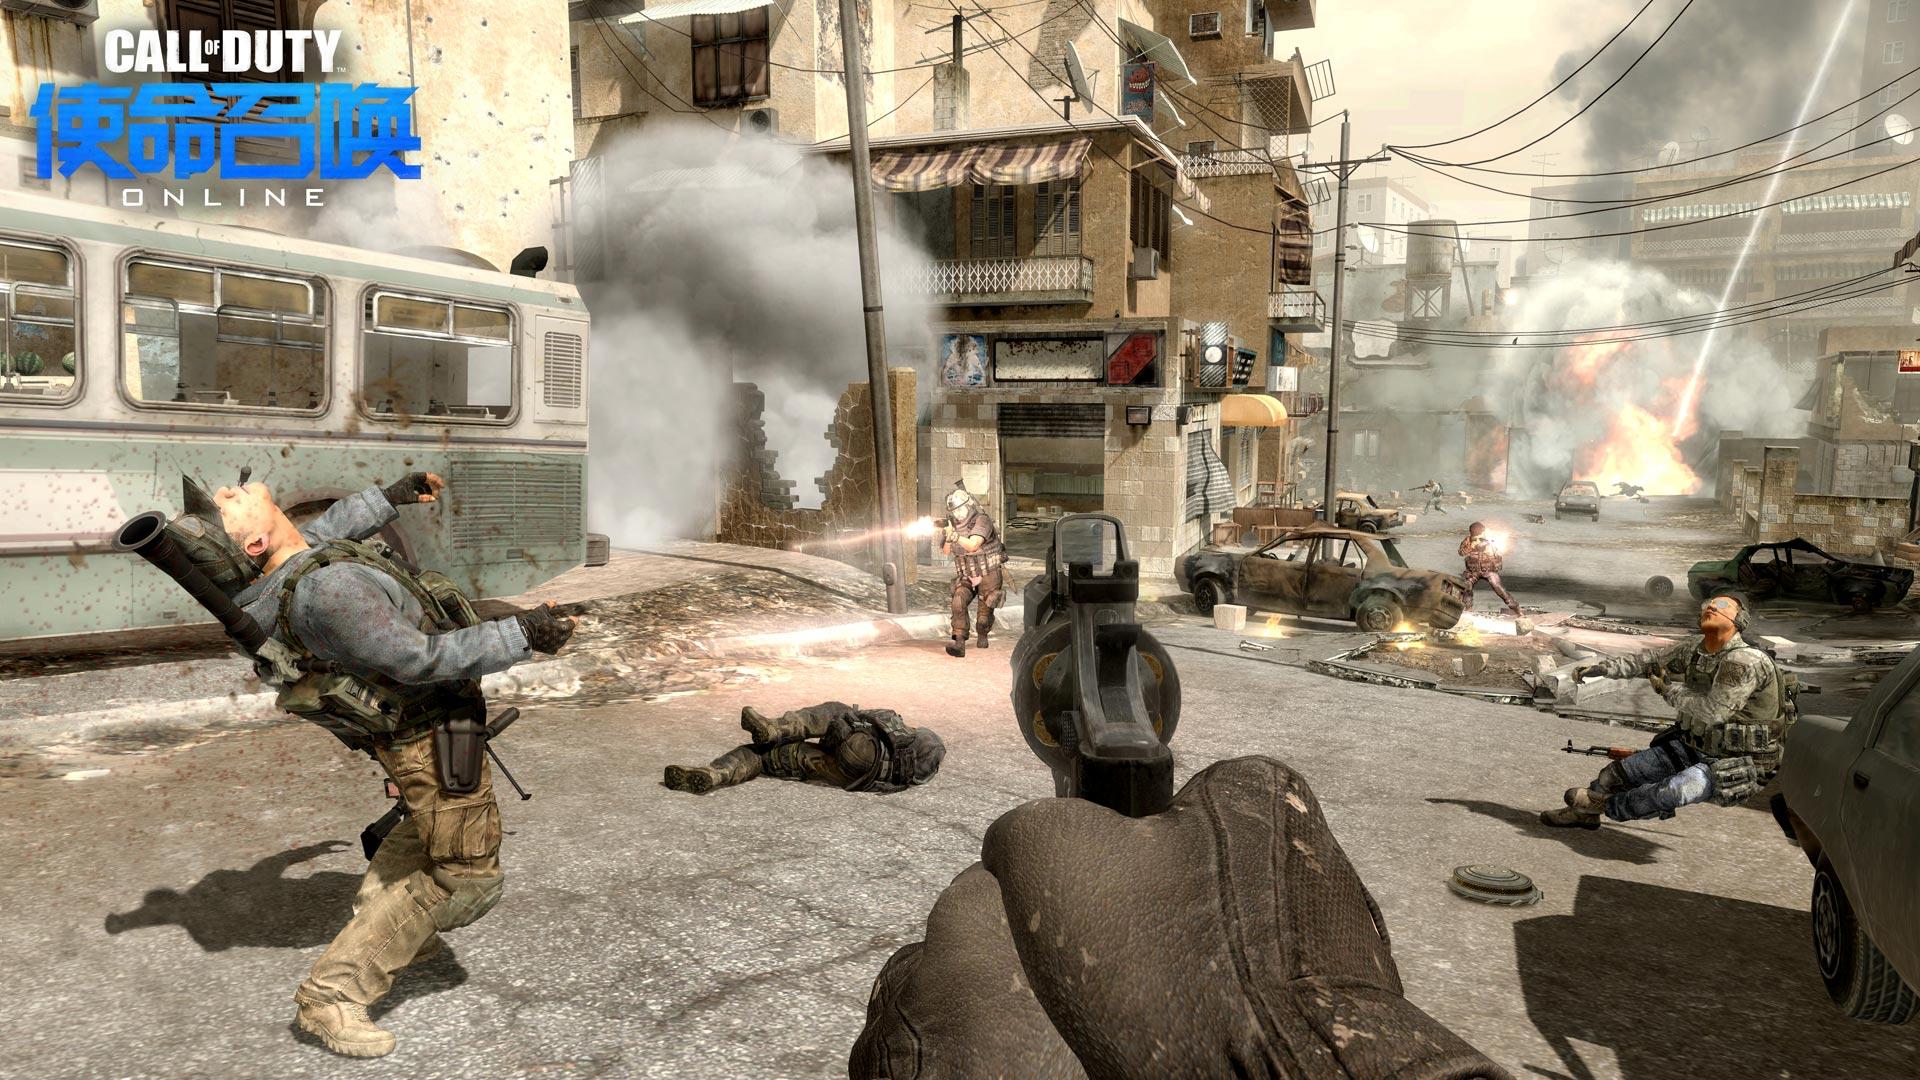 call-of-duty-online-screenshot-007